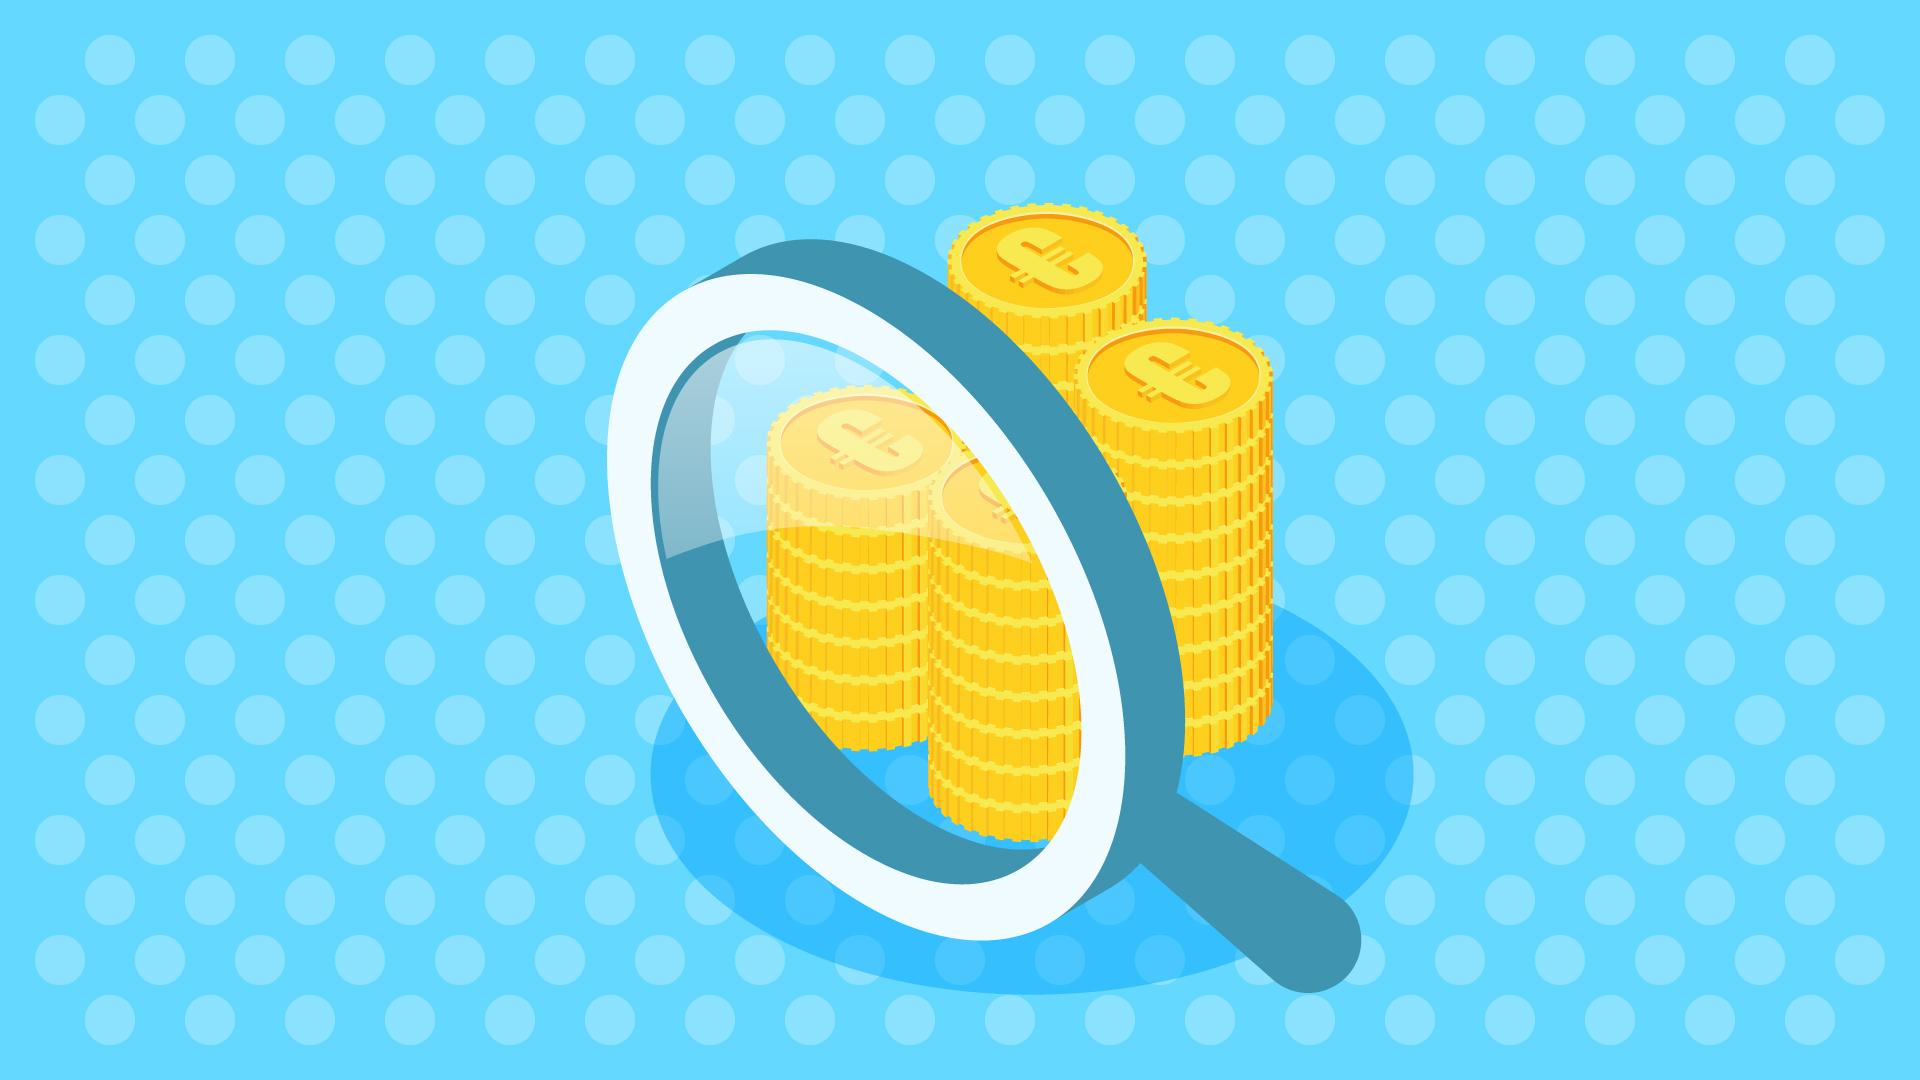 Kāpēc ir svarīgi analizēt uzņēmuma apgrozāmo kapitālu?